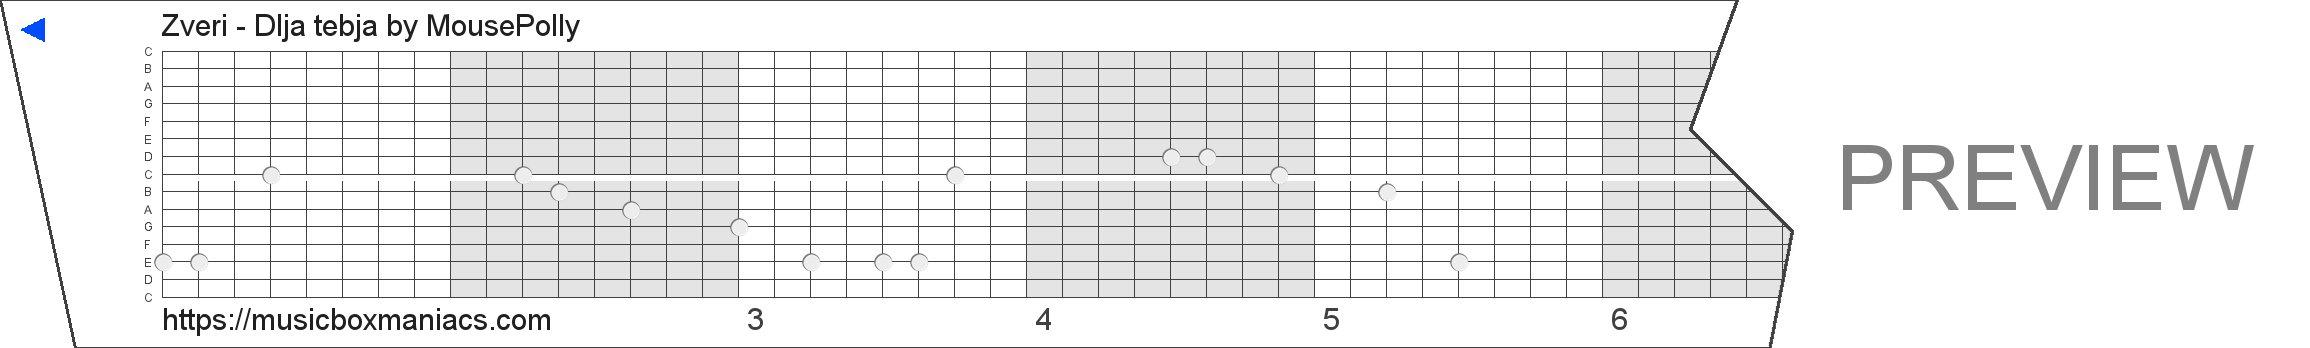 Zveri - Dlja tebja 15 note music box paper strip